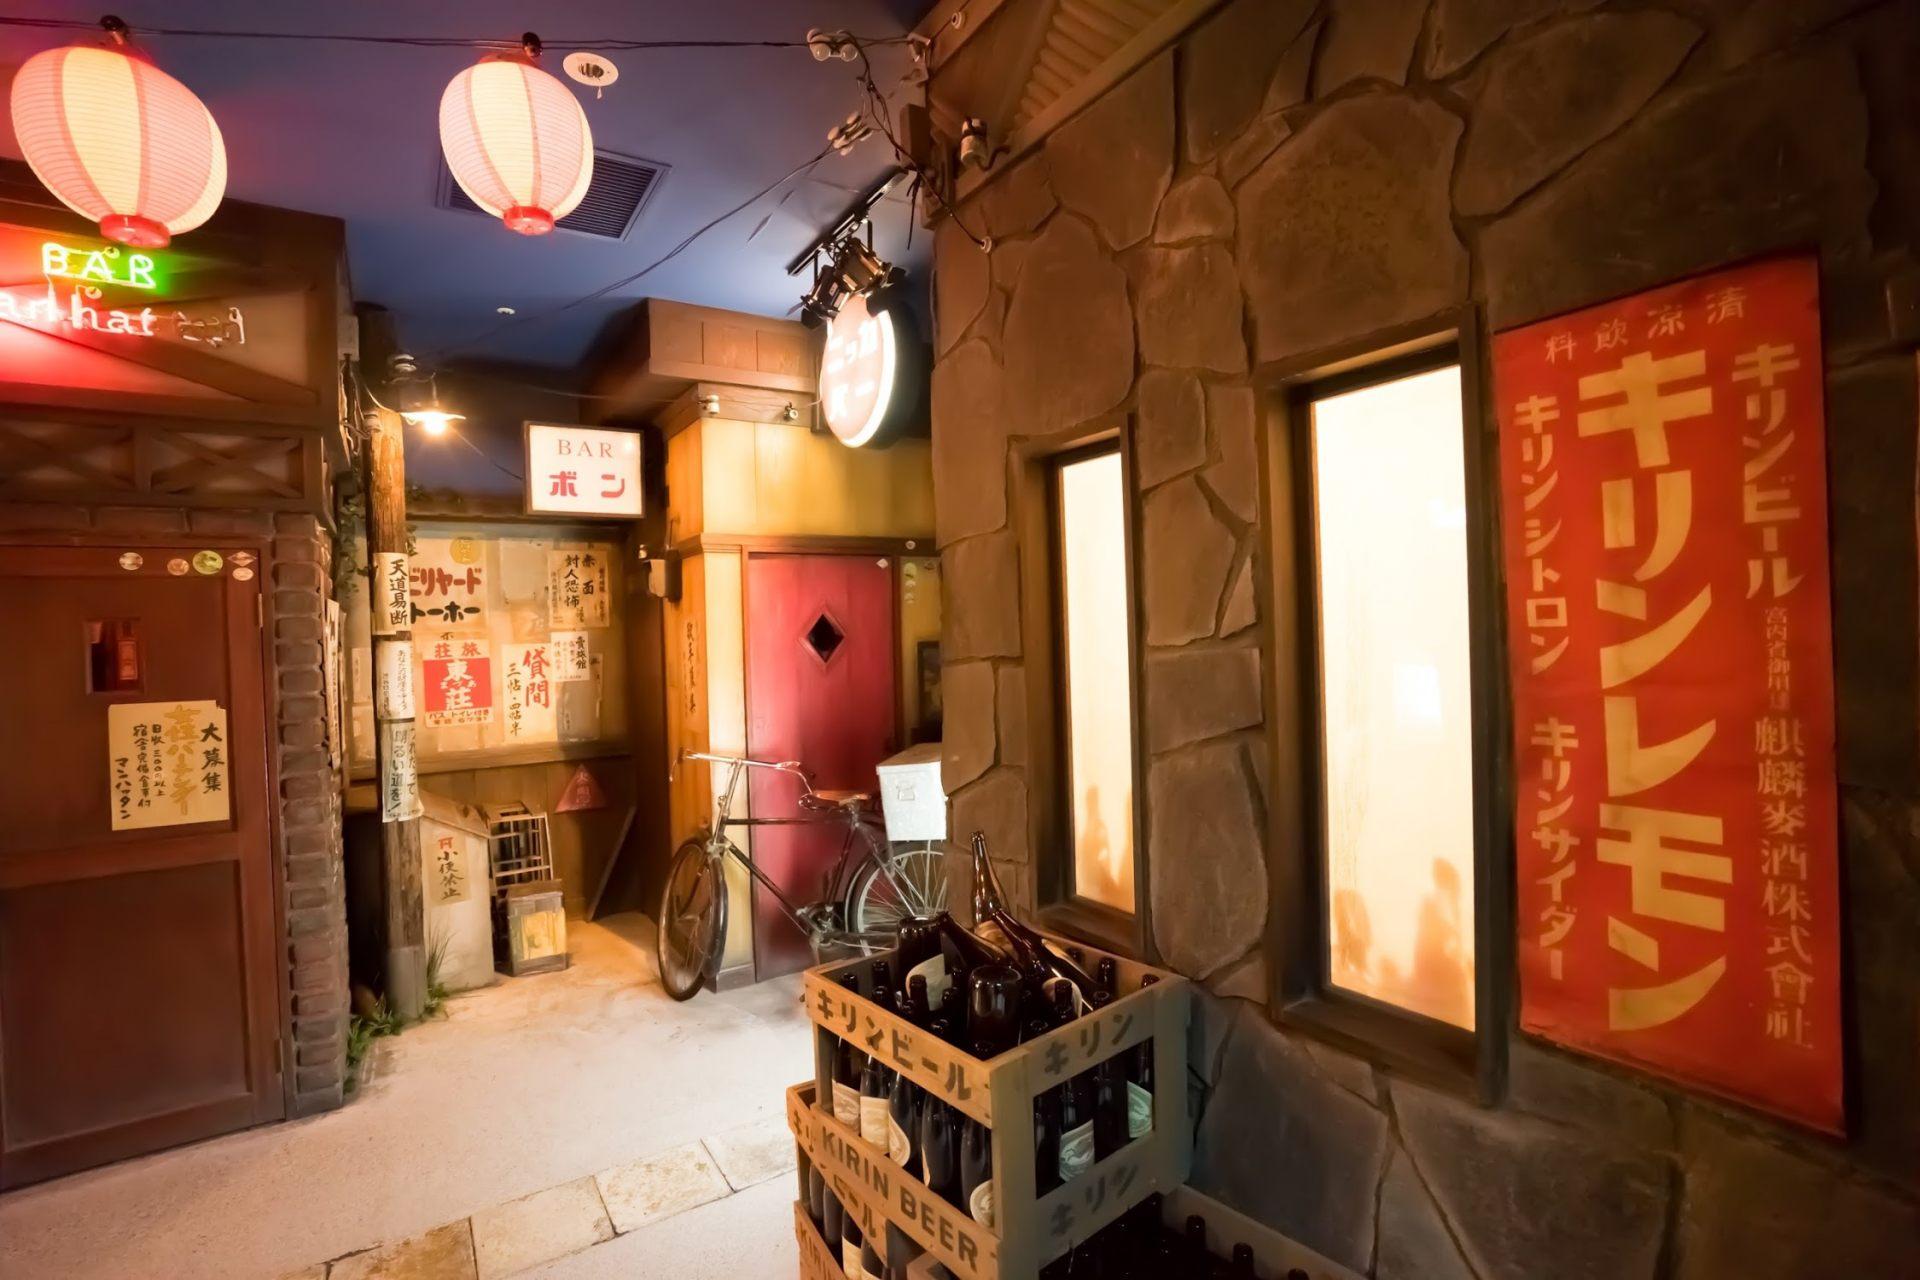 再現北島三郎出道前澀谷橫丁當時的模樣